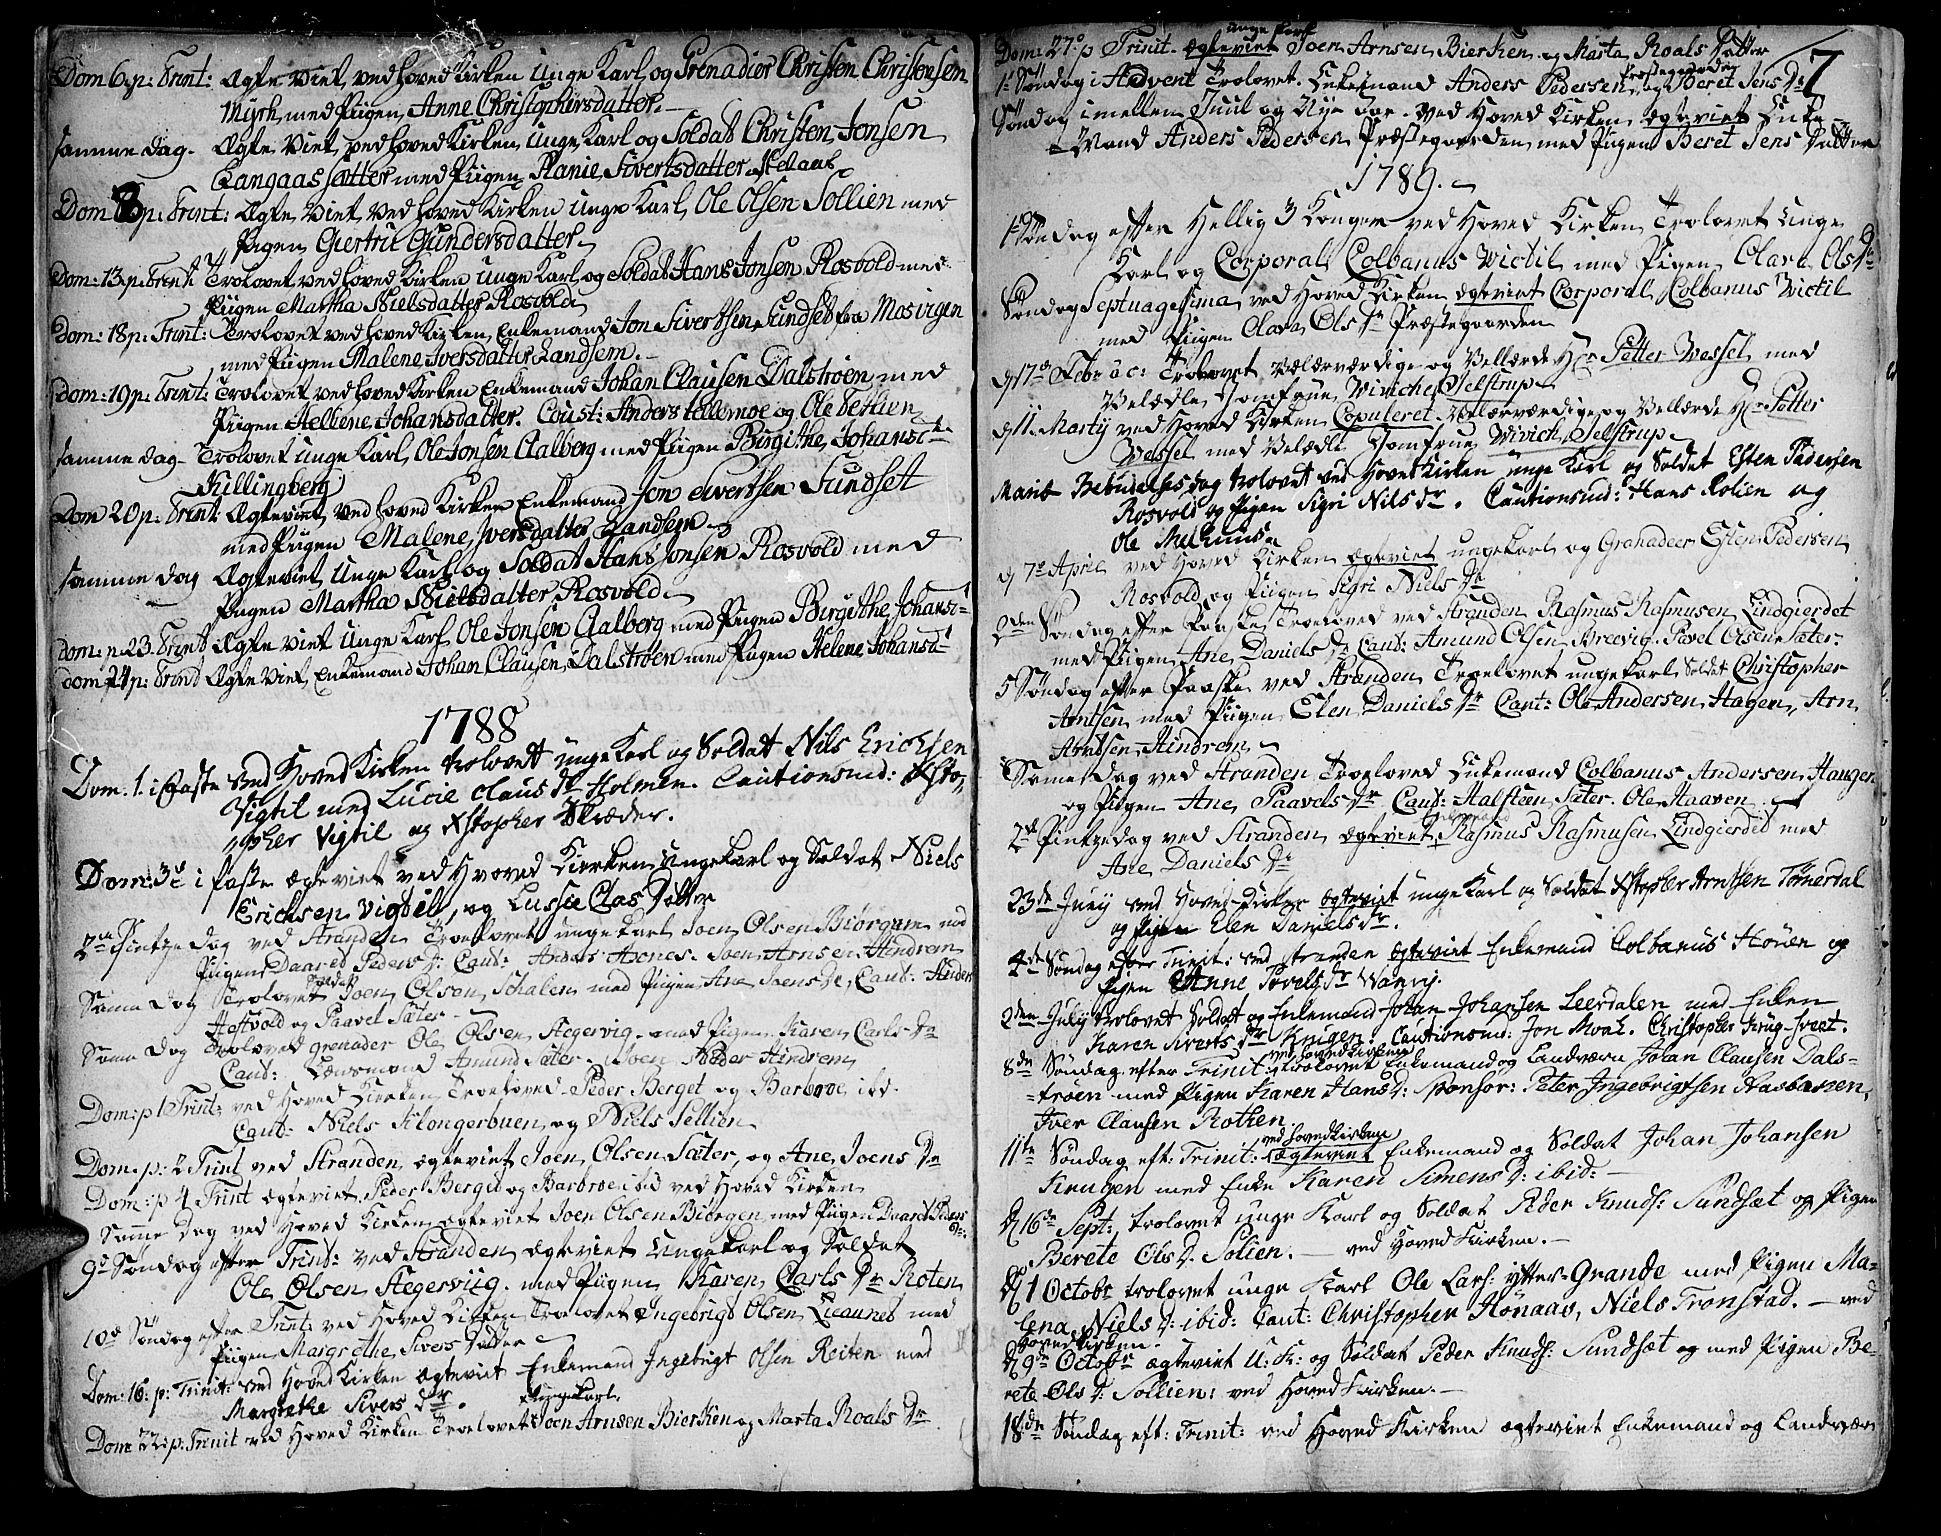 SAT, Ministerialprotokoller, klokkerbøker og fødselsregistre - Nord-Trøndelag, 701/L0004: Ministerialbok nr. 701A04, 1783-1816, s. 7